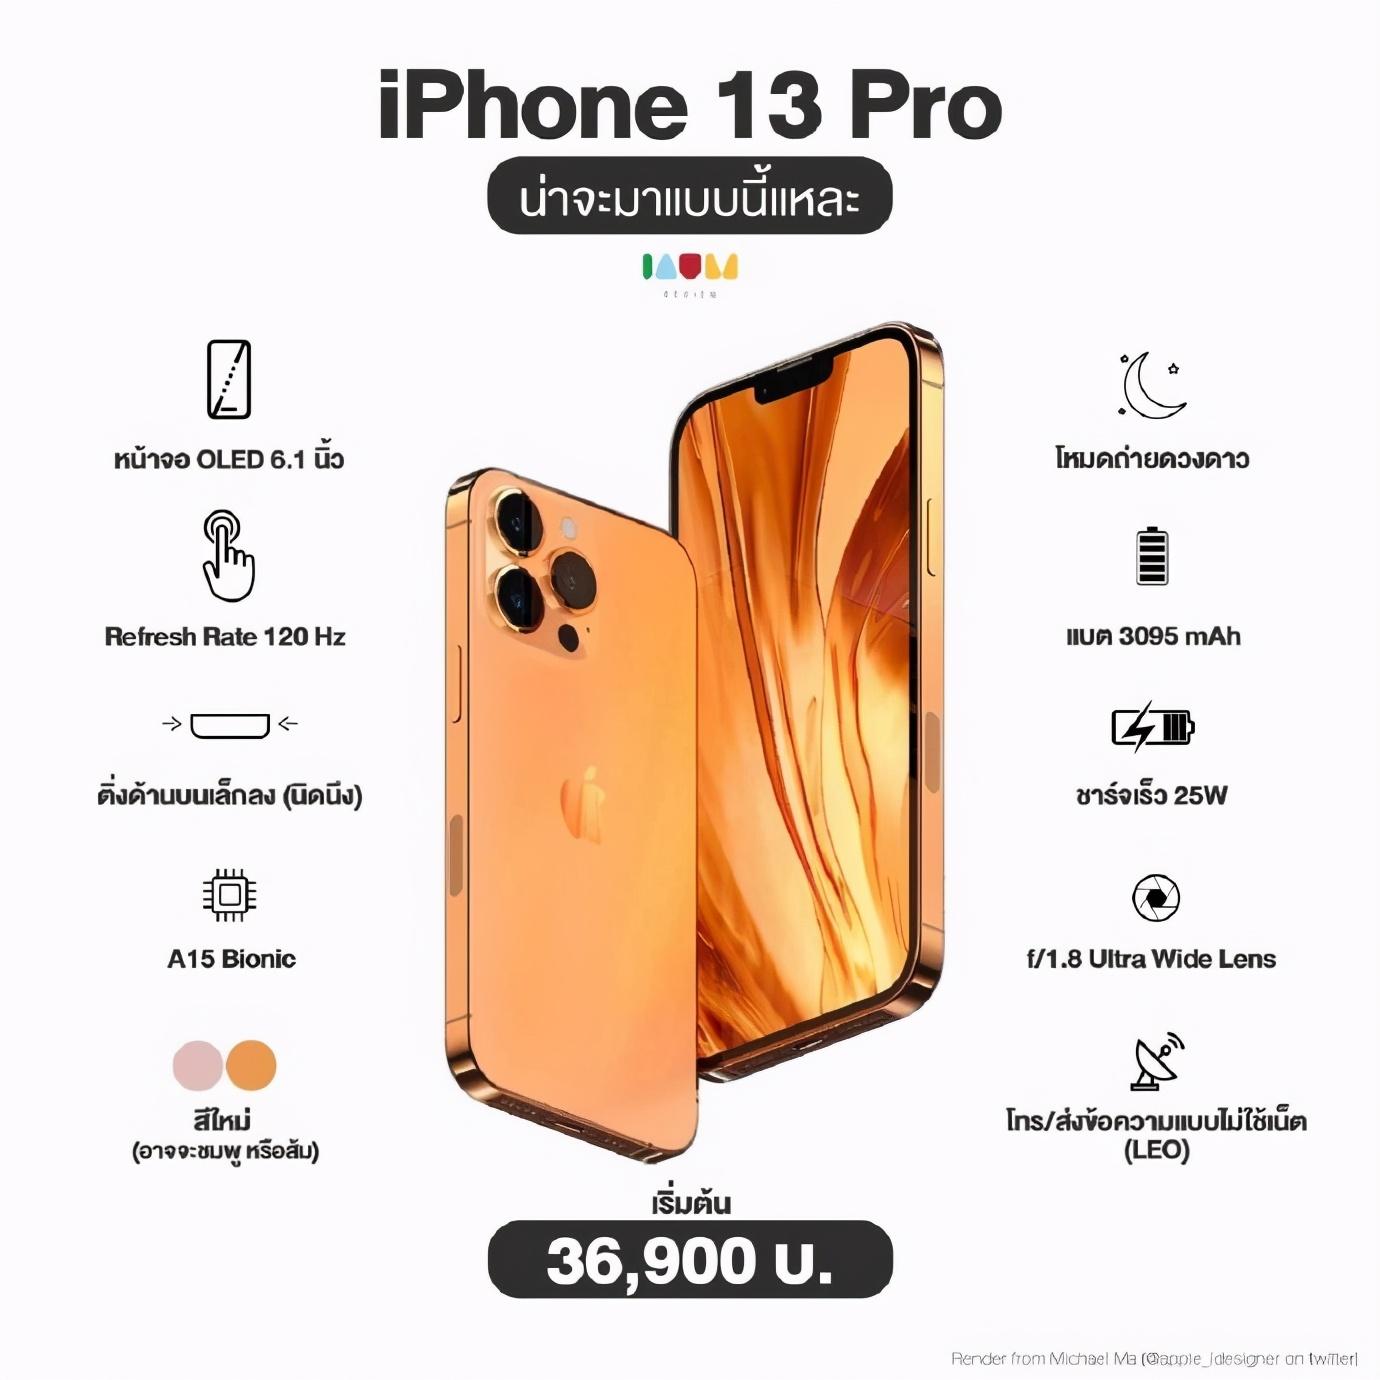 苹果iPhone 13系列4款机型详细参数曝光,看看哪款才是你的最爱?